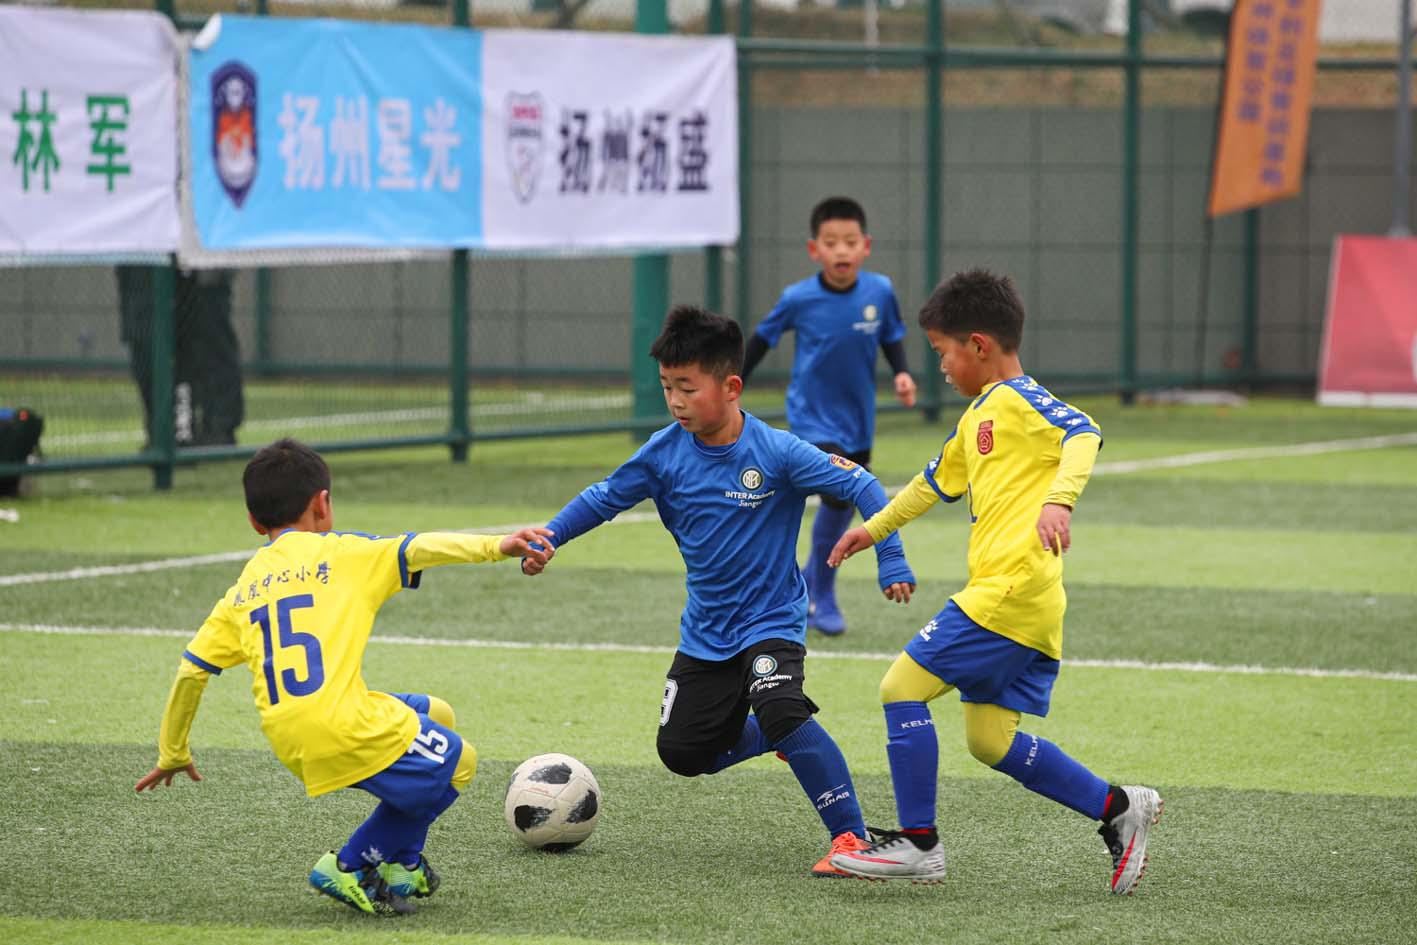 一周迎来两项全国青少年足球赛打造扬州自主青训足球平台